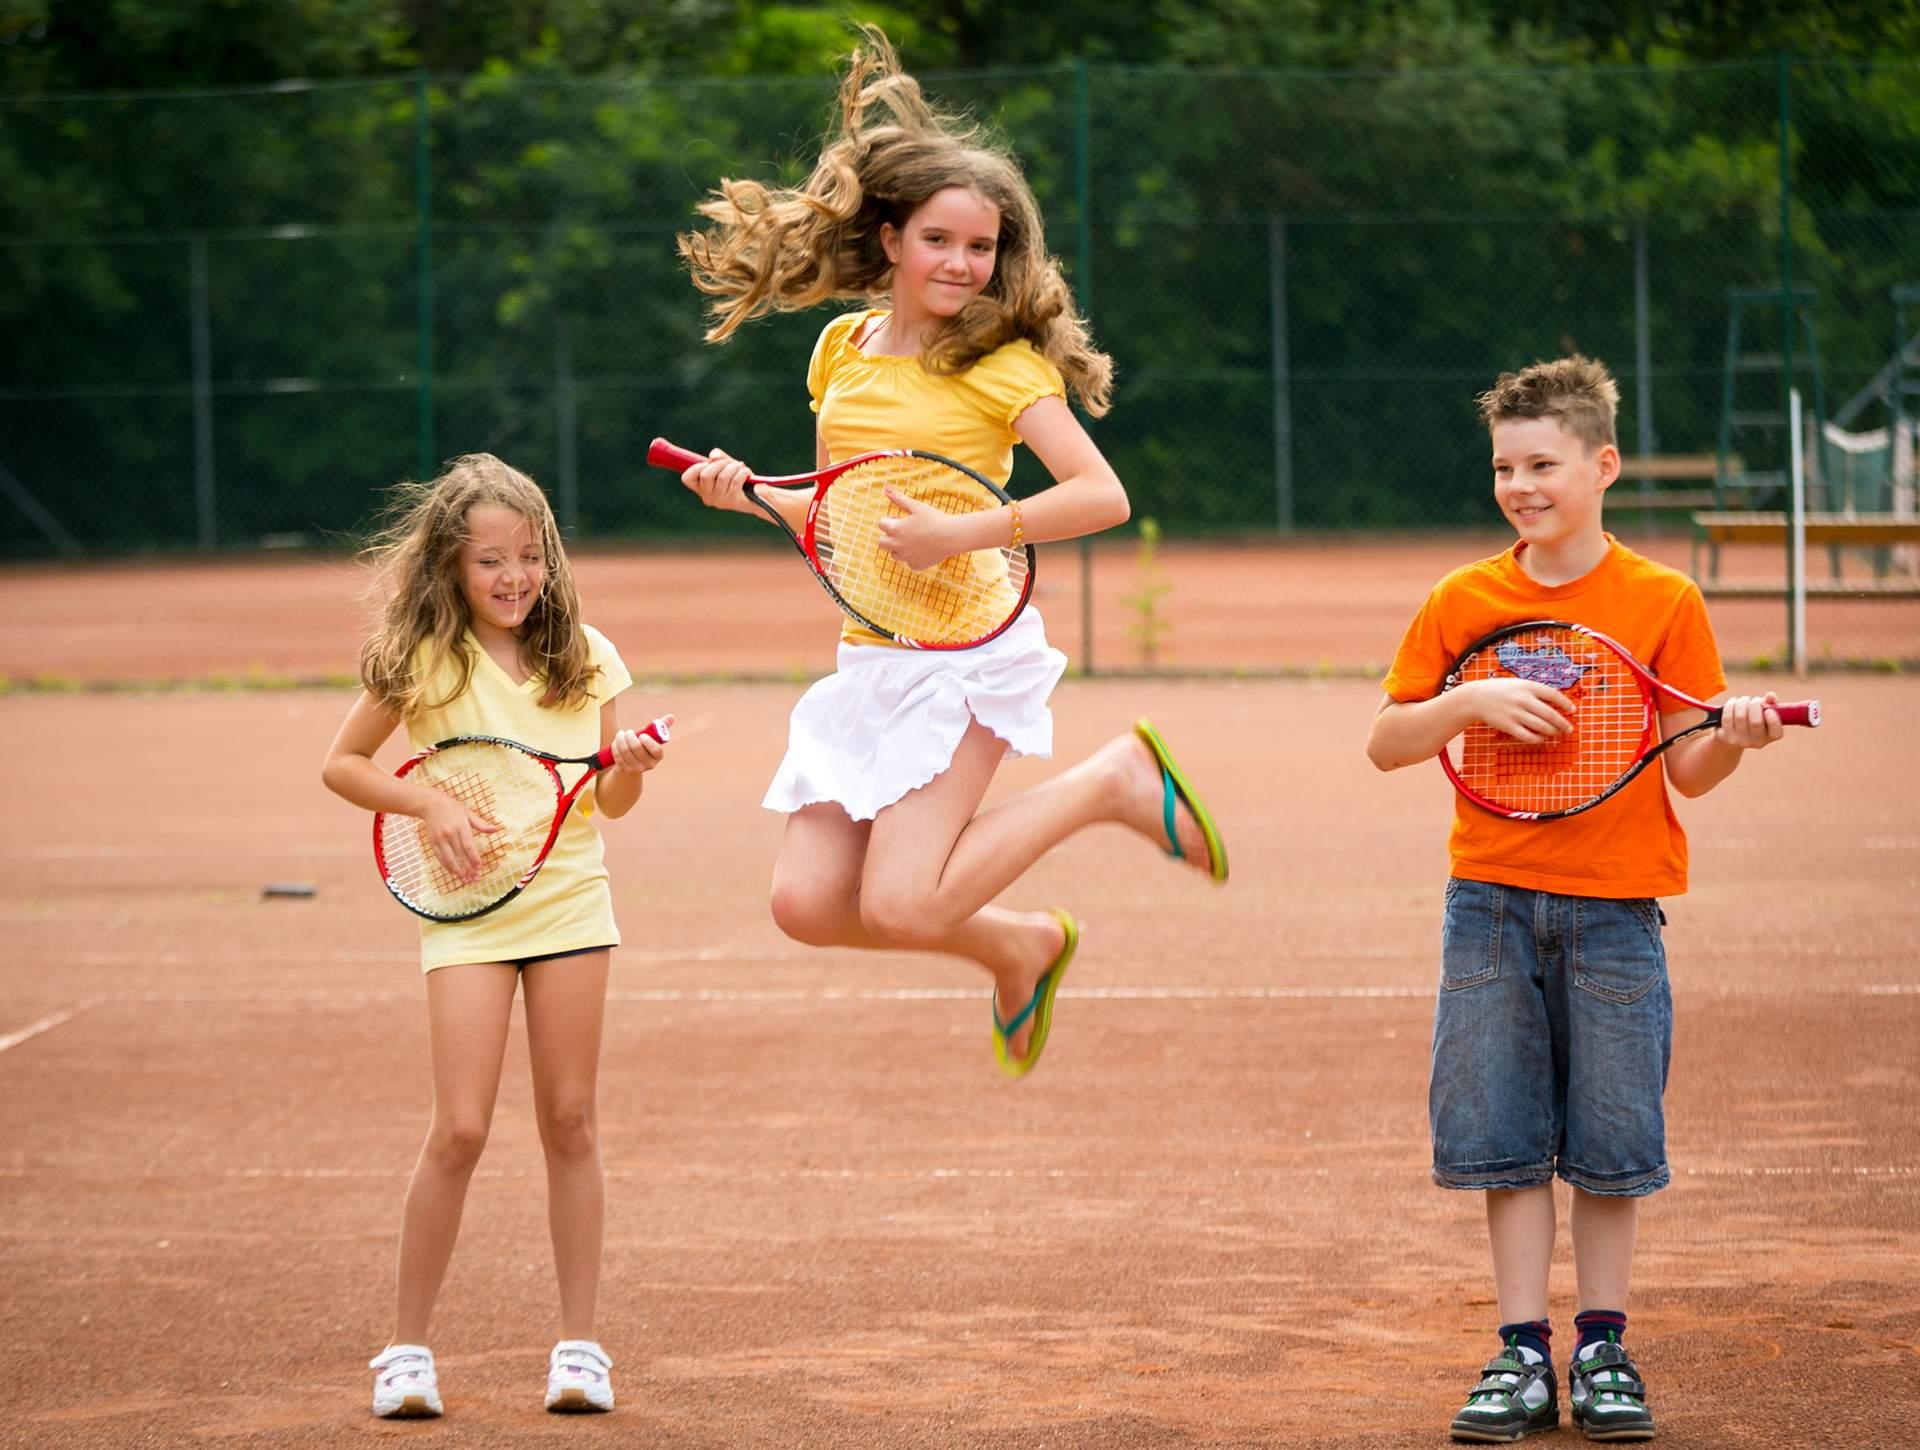 Kinder spielen mit Tennisschläger